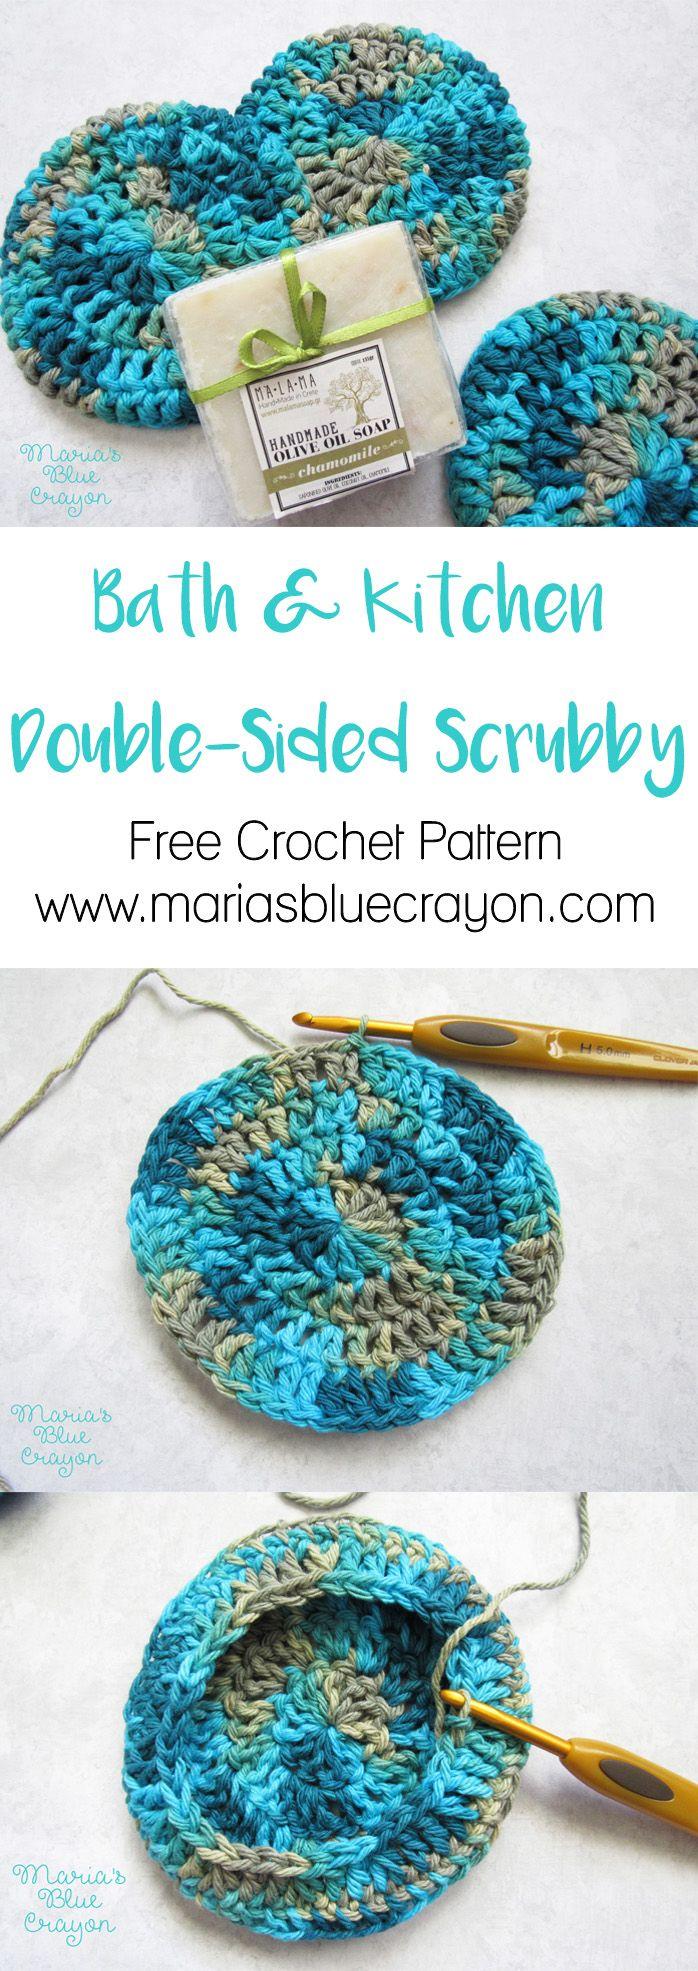 Best 25 crochet scrubbies ideas on pinterest scrubbies crochet crochet scrubby for bath kitchen free crochet pattern double sided extra bankloansurffo Gallery